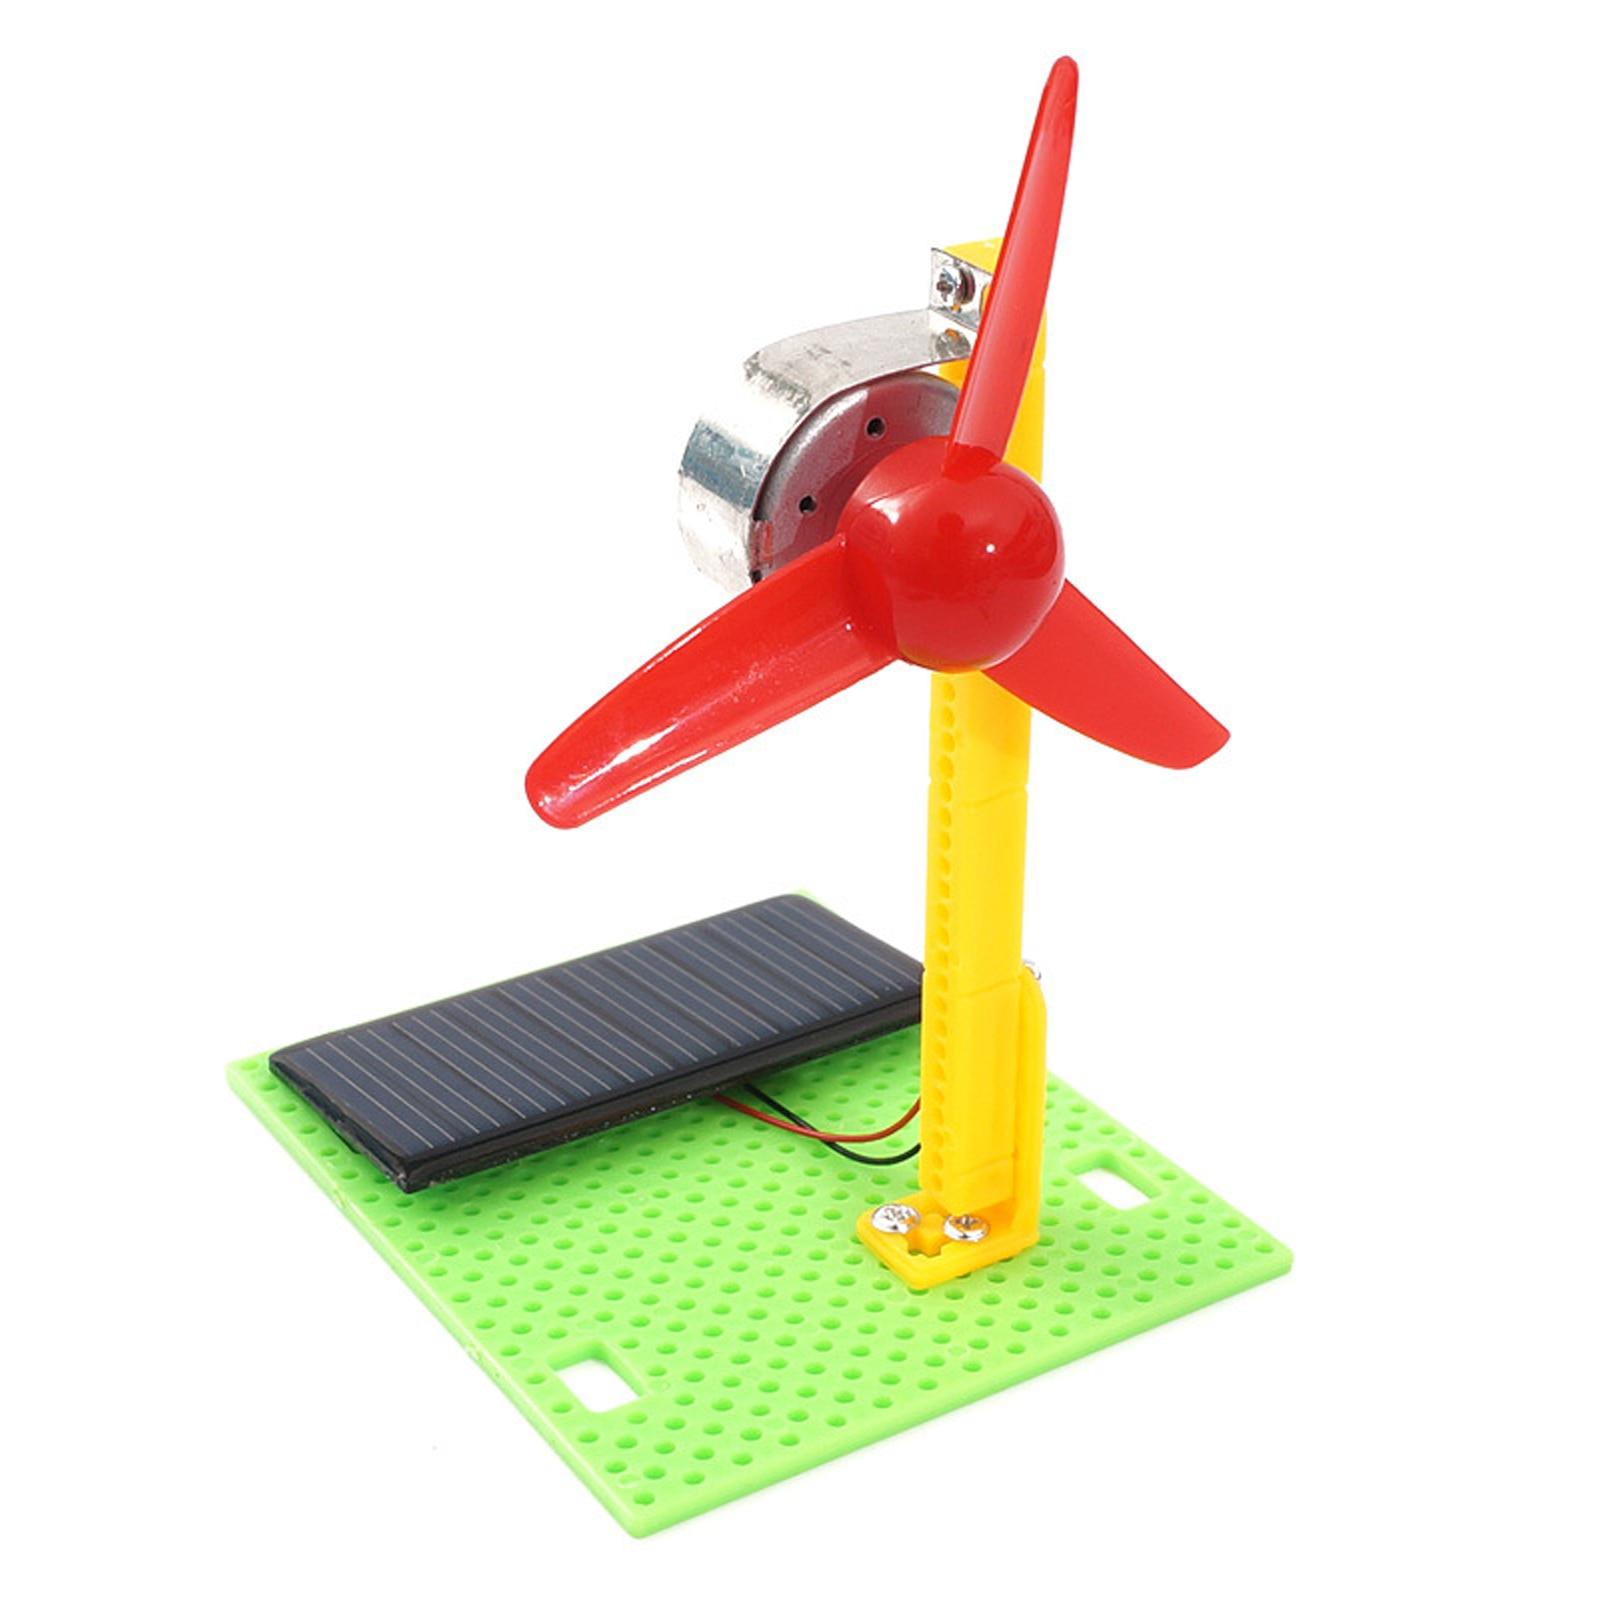 DIY Новые электровентиляторы на солнечной батарее, физический мотор, электросхема, набор, научная игрушка, развивающий физический экспериме...